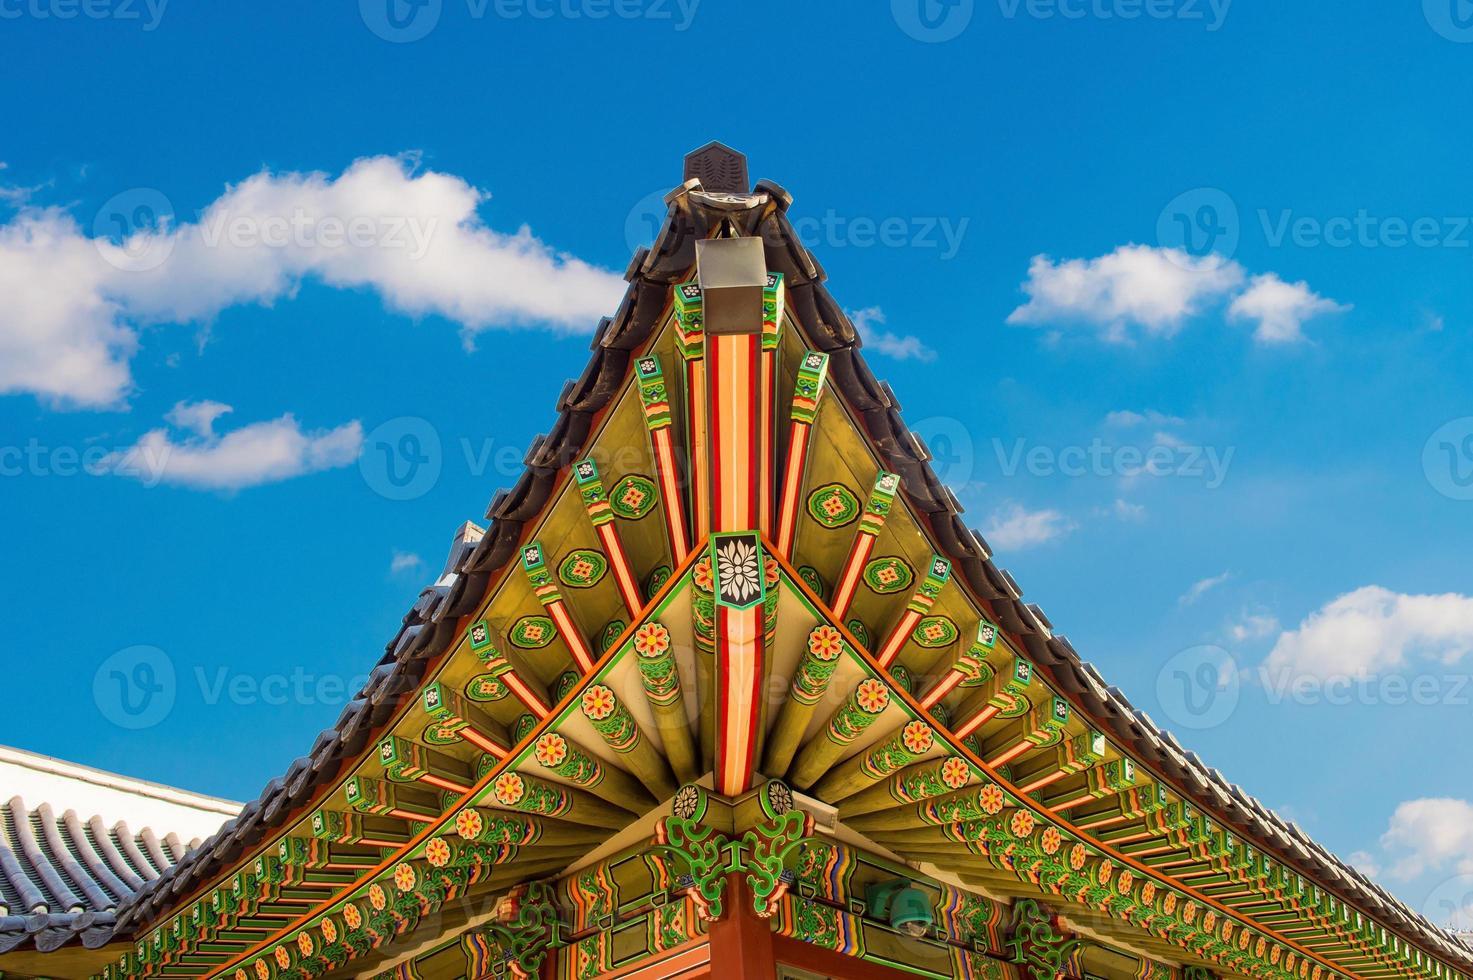 toit du palais de gyeongbokgung à séoul, photo